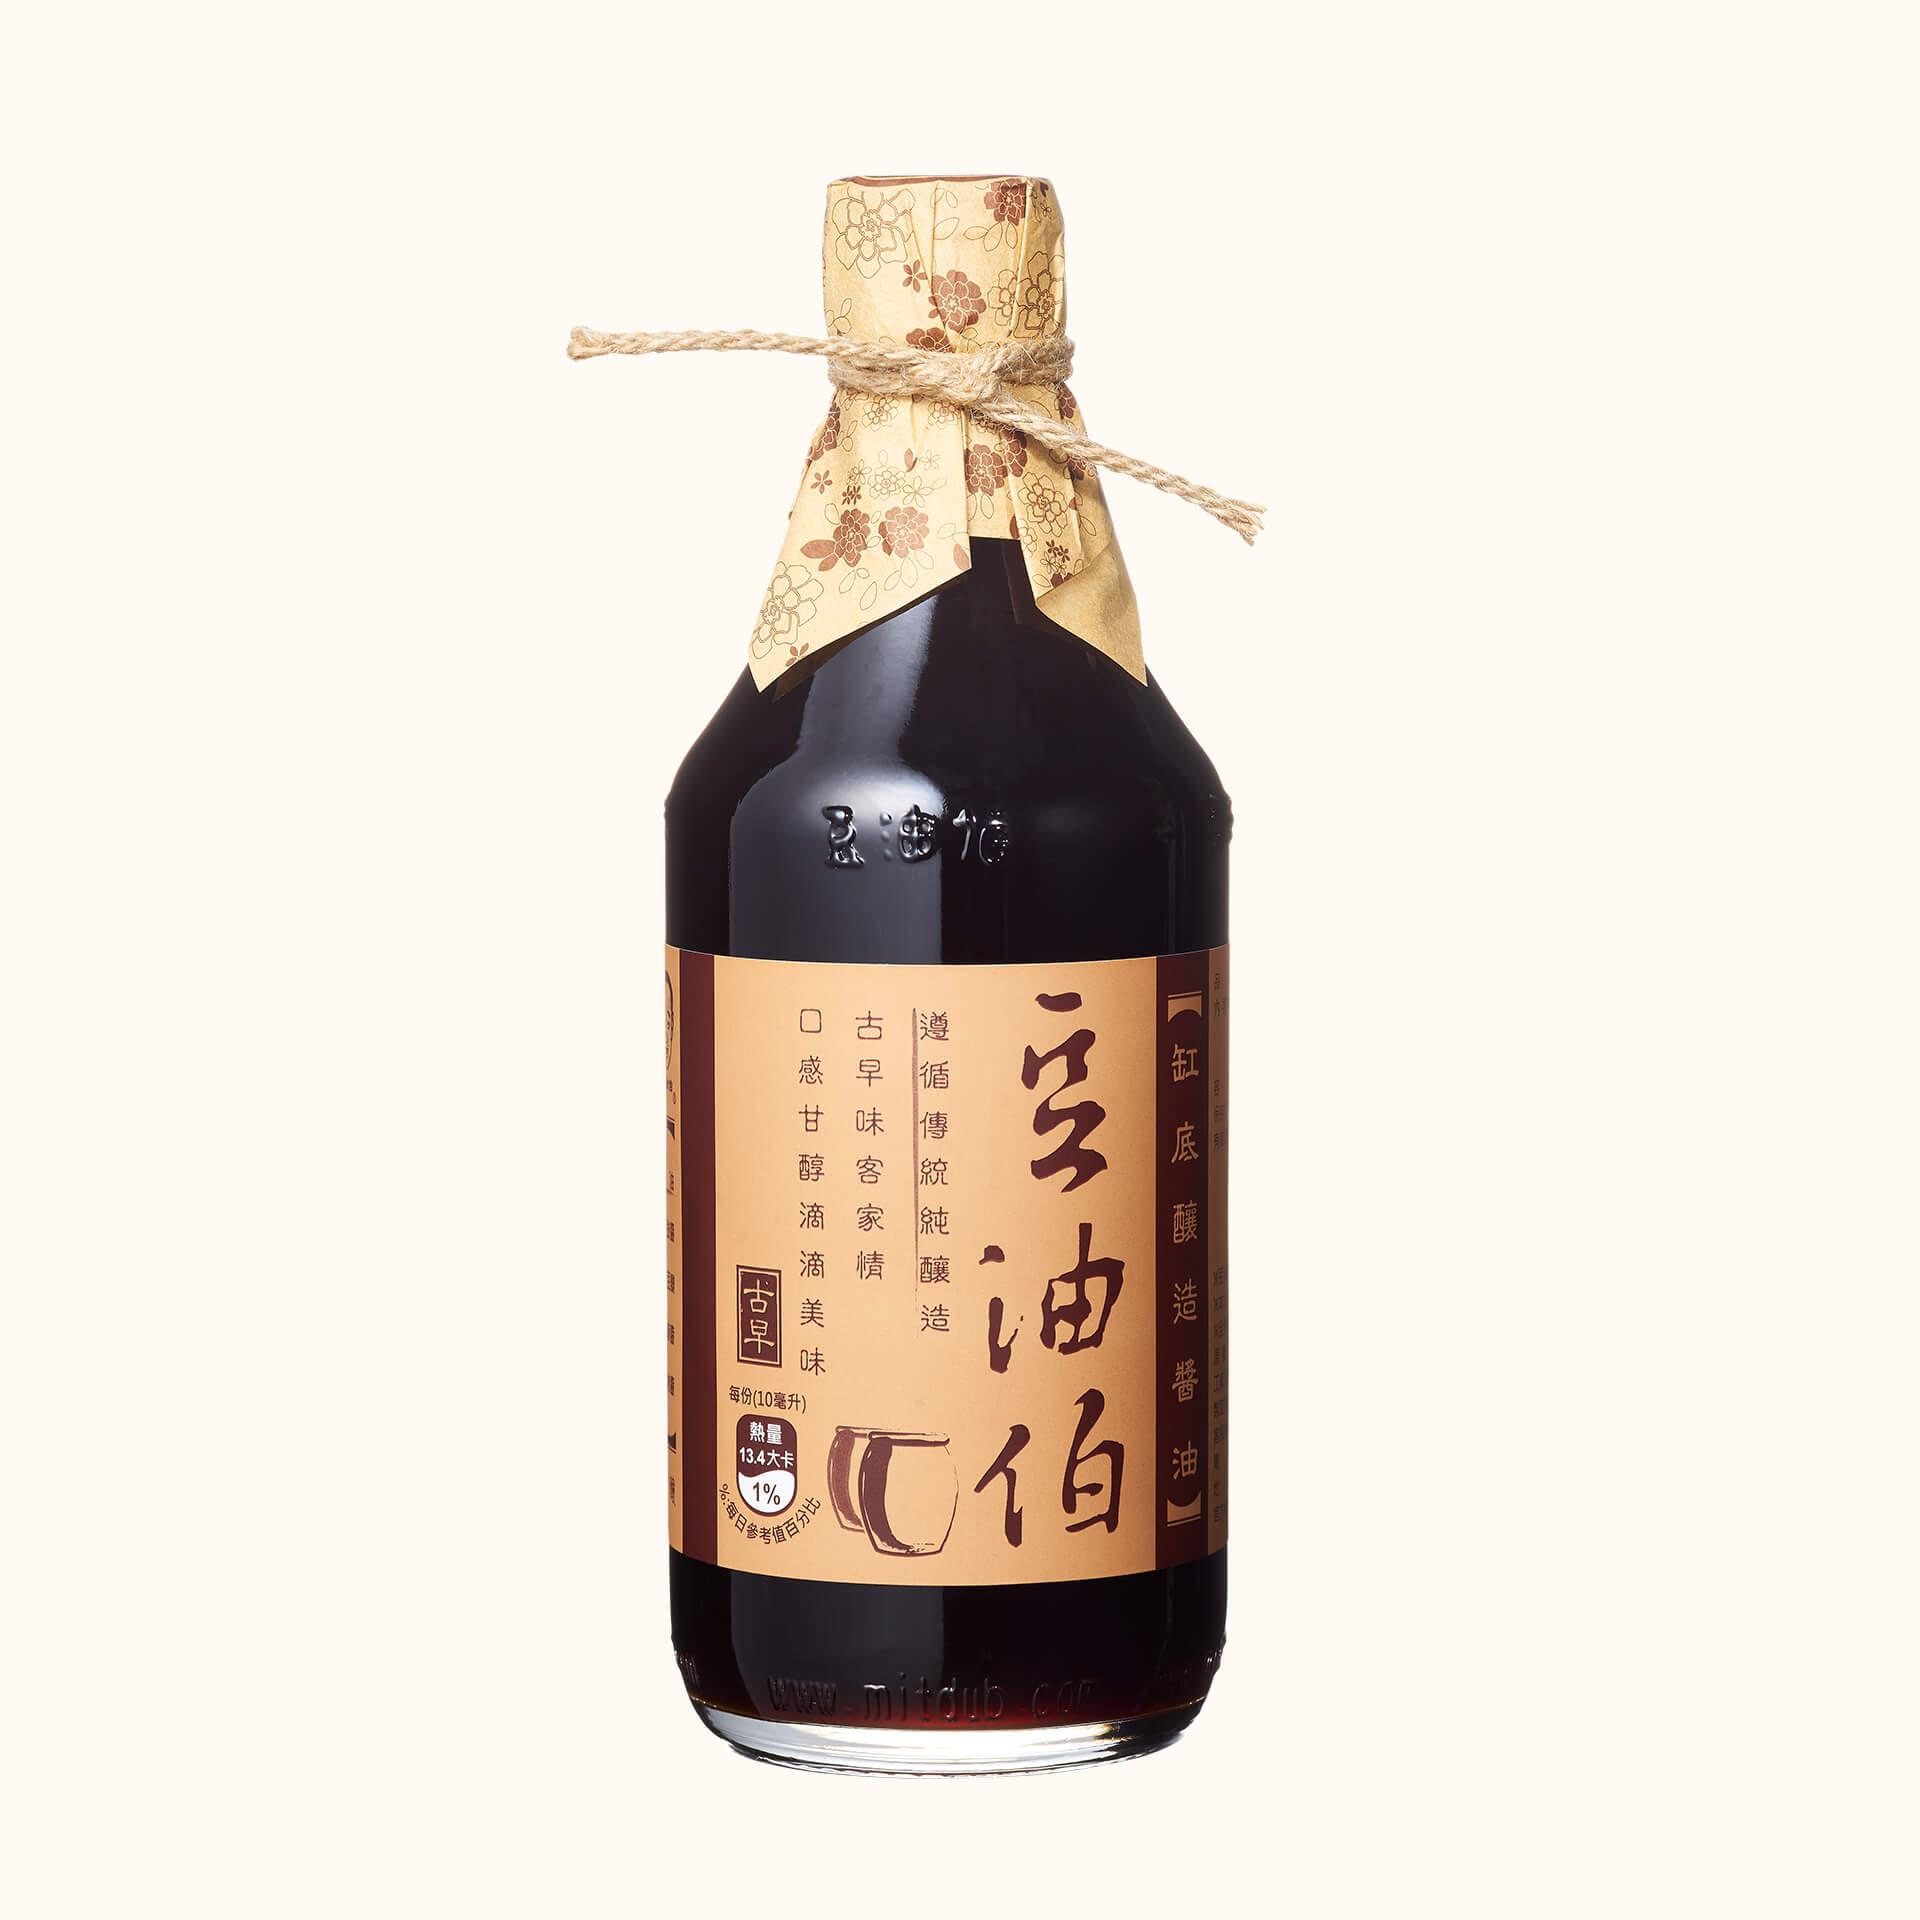 【新年禮盒】缸底醬油1入+金豆醬油1入(禮盒4組,共8入)